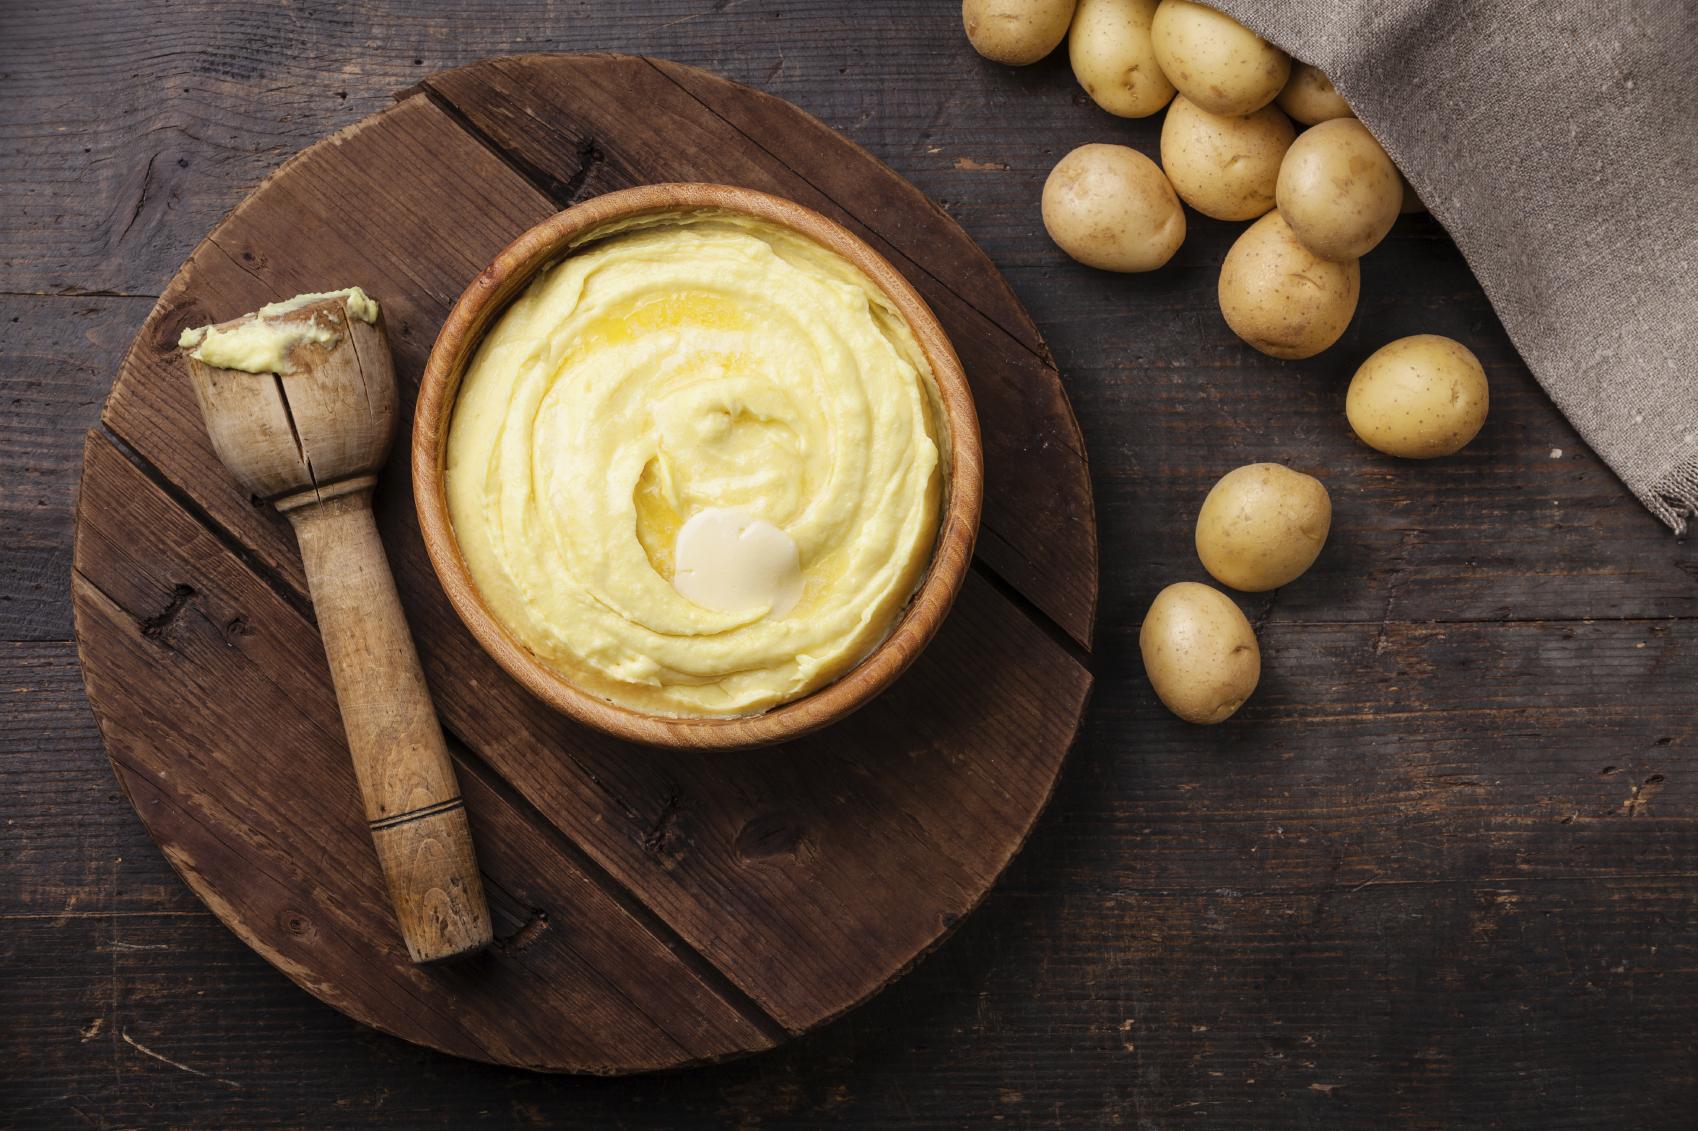 Crema de patata colombiana